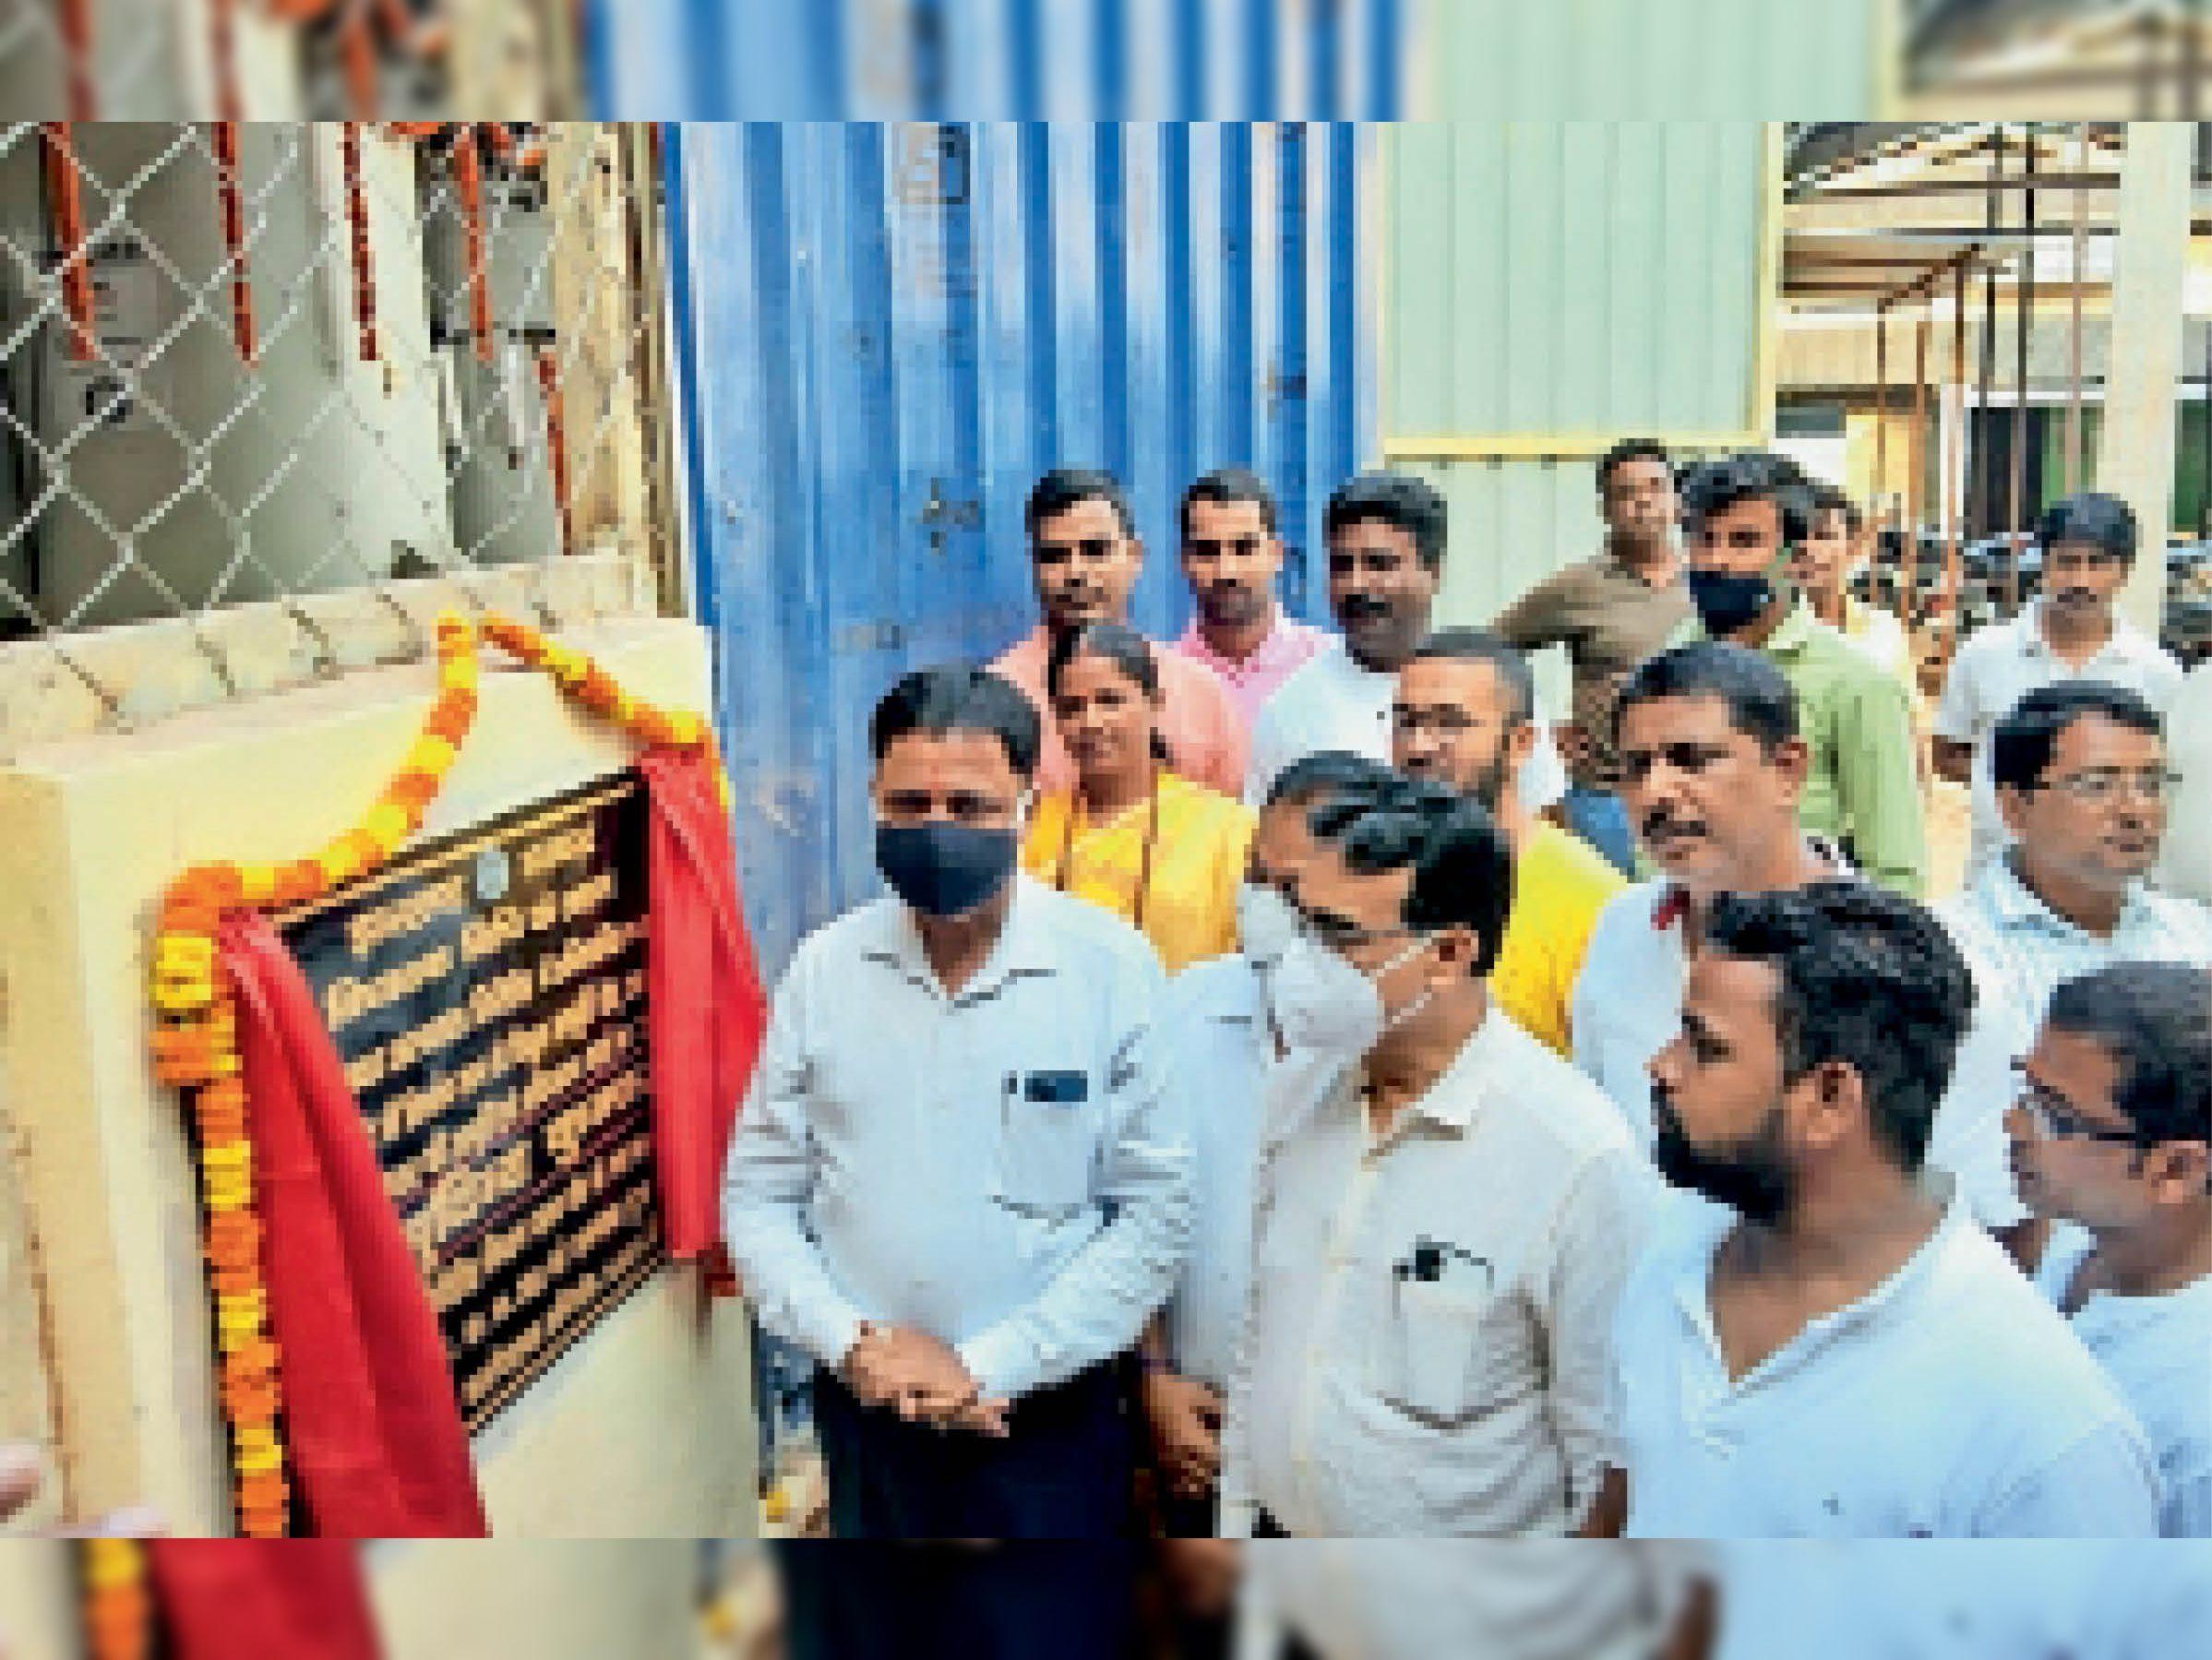 ऑक्सीजन प्लांट की पाइप लाइन का उद्घाटन करते विधायक सुदिव्य सोनू, सिविल सर्जन और अन्य पदाधिकारी। - Dainik Bhaskar